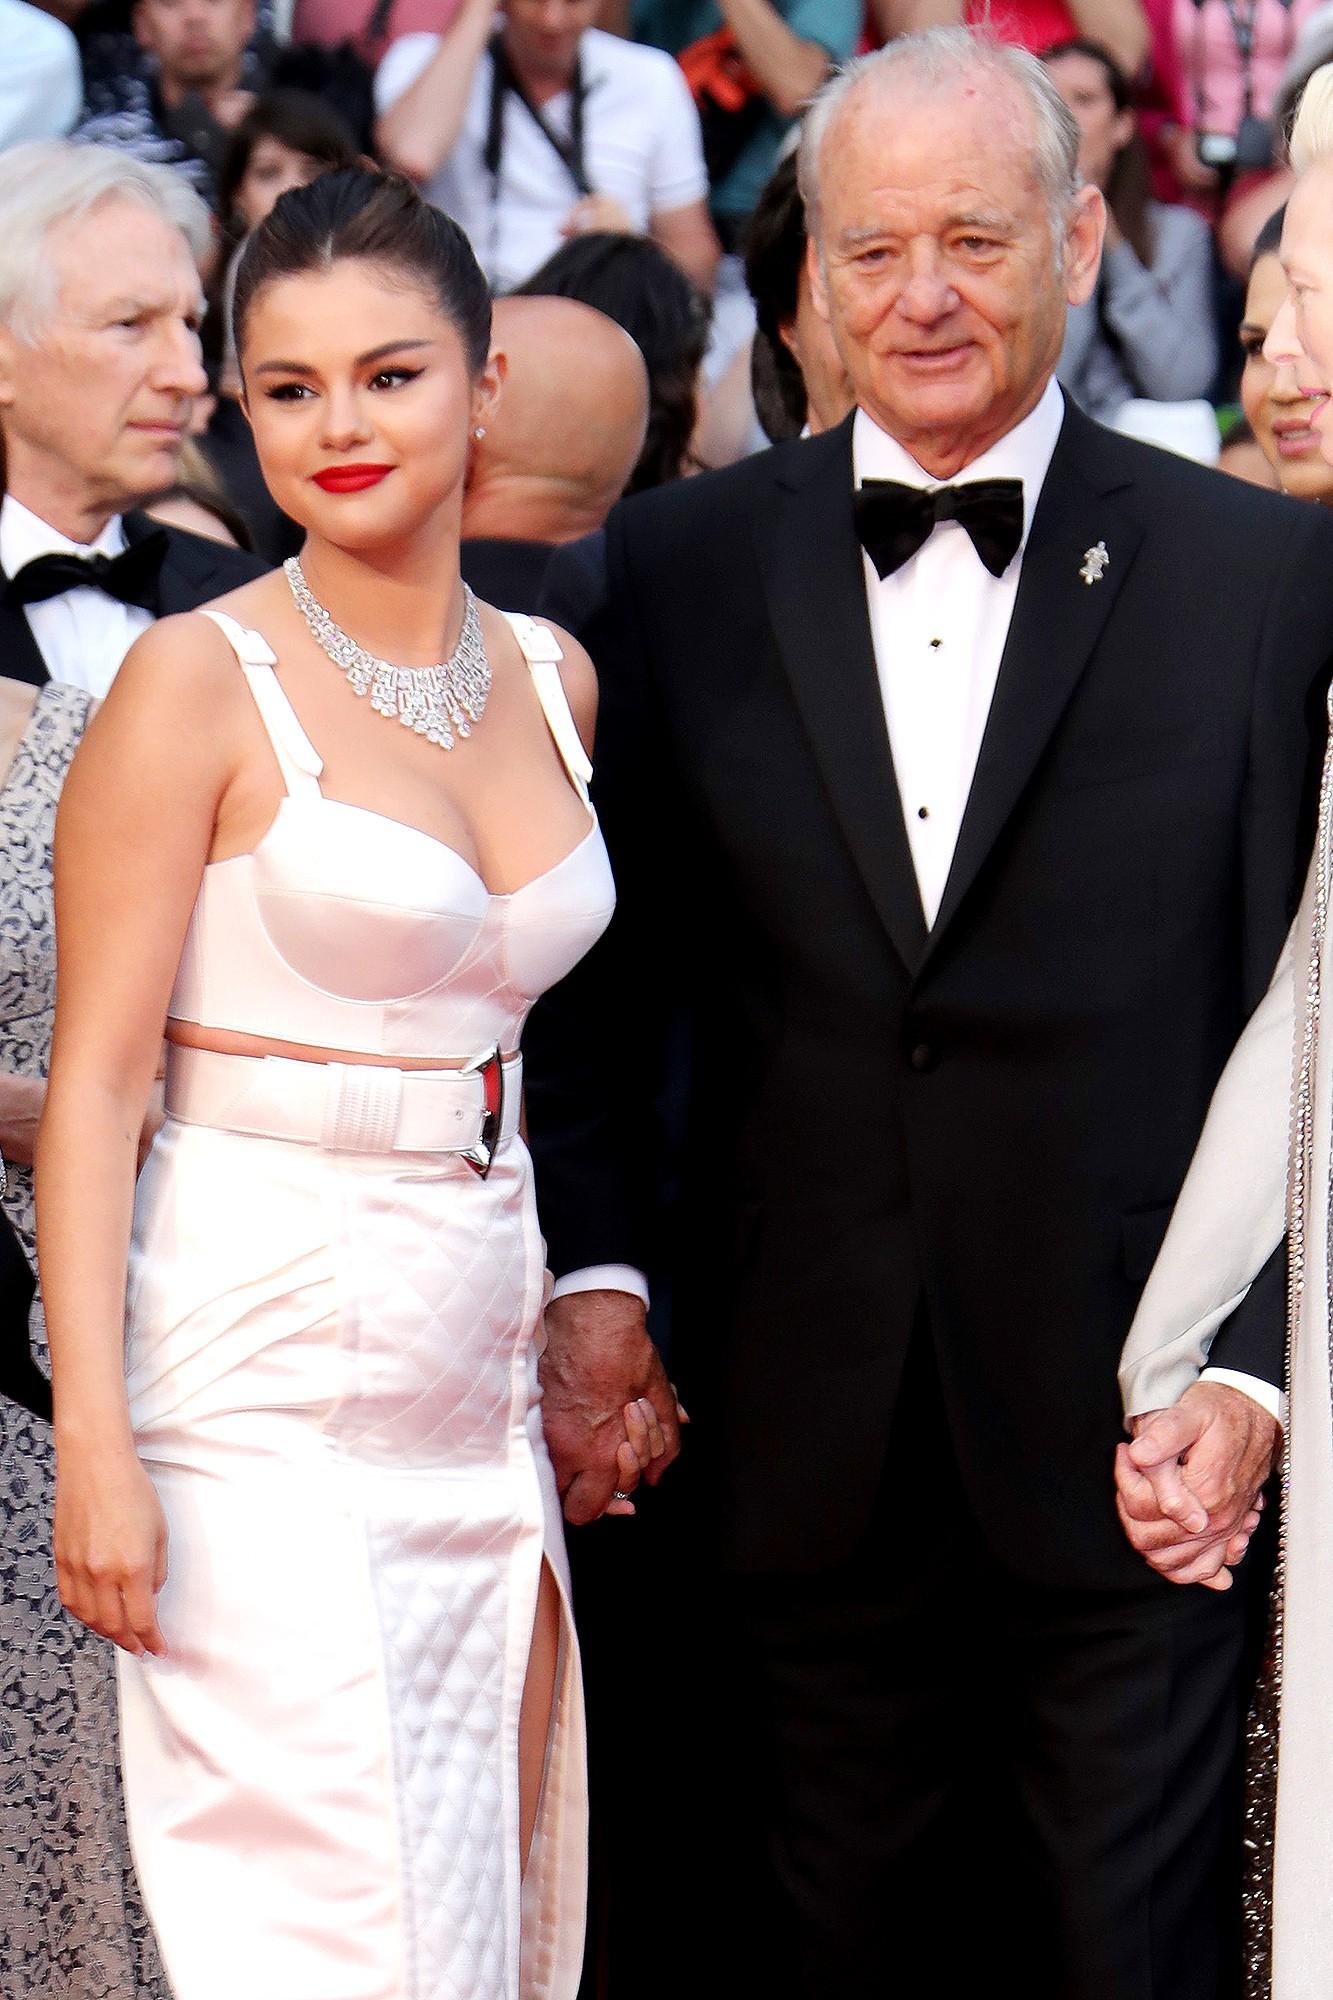 Choáng: Sau bao năm chia tay Justin, Selena Gomez thông báo chuẩn bị kết hôn với tài tử 69 tuổi? - Ảnh 3.